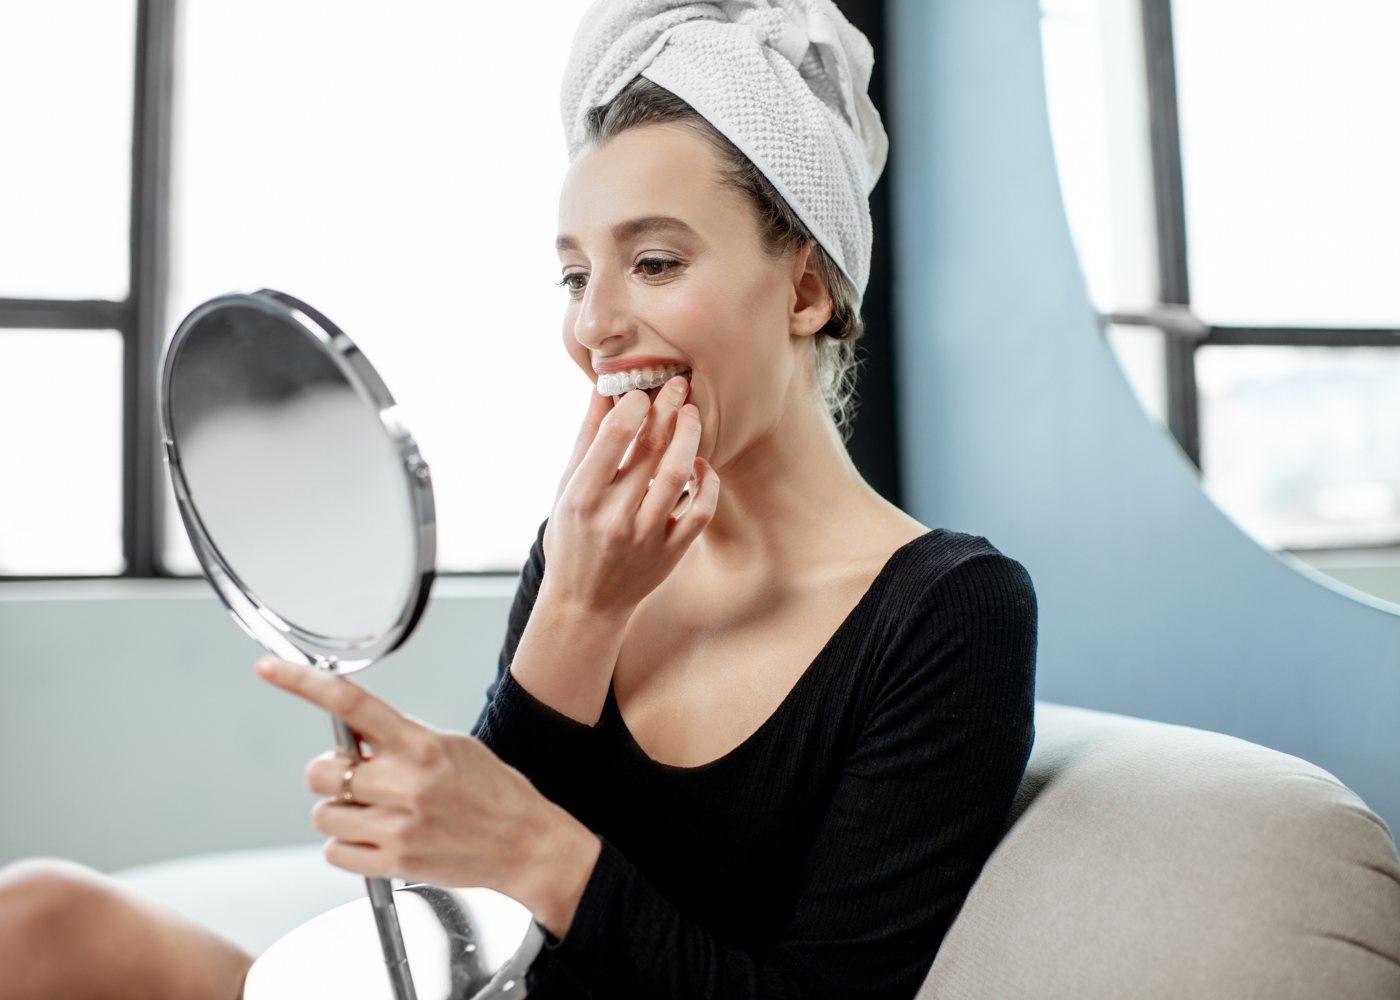 Mulher a colocar aparelho dentário